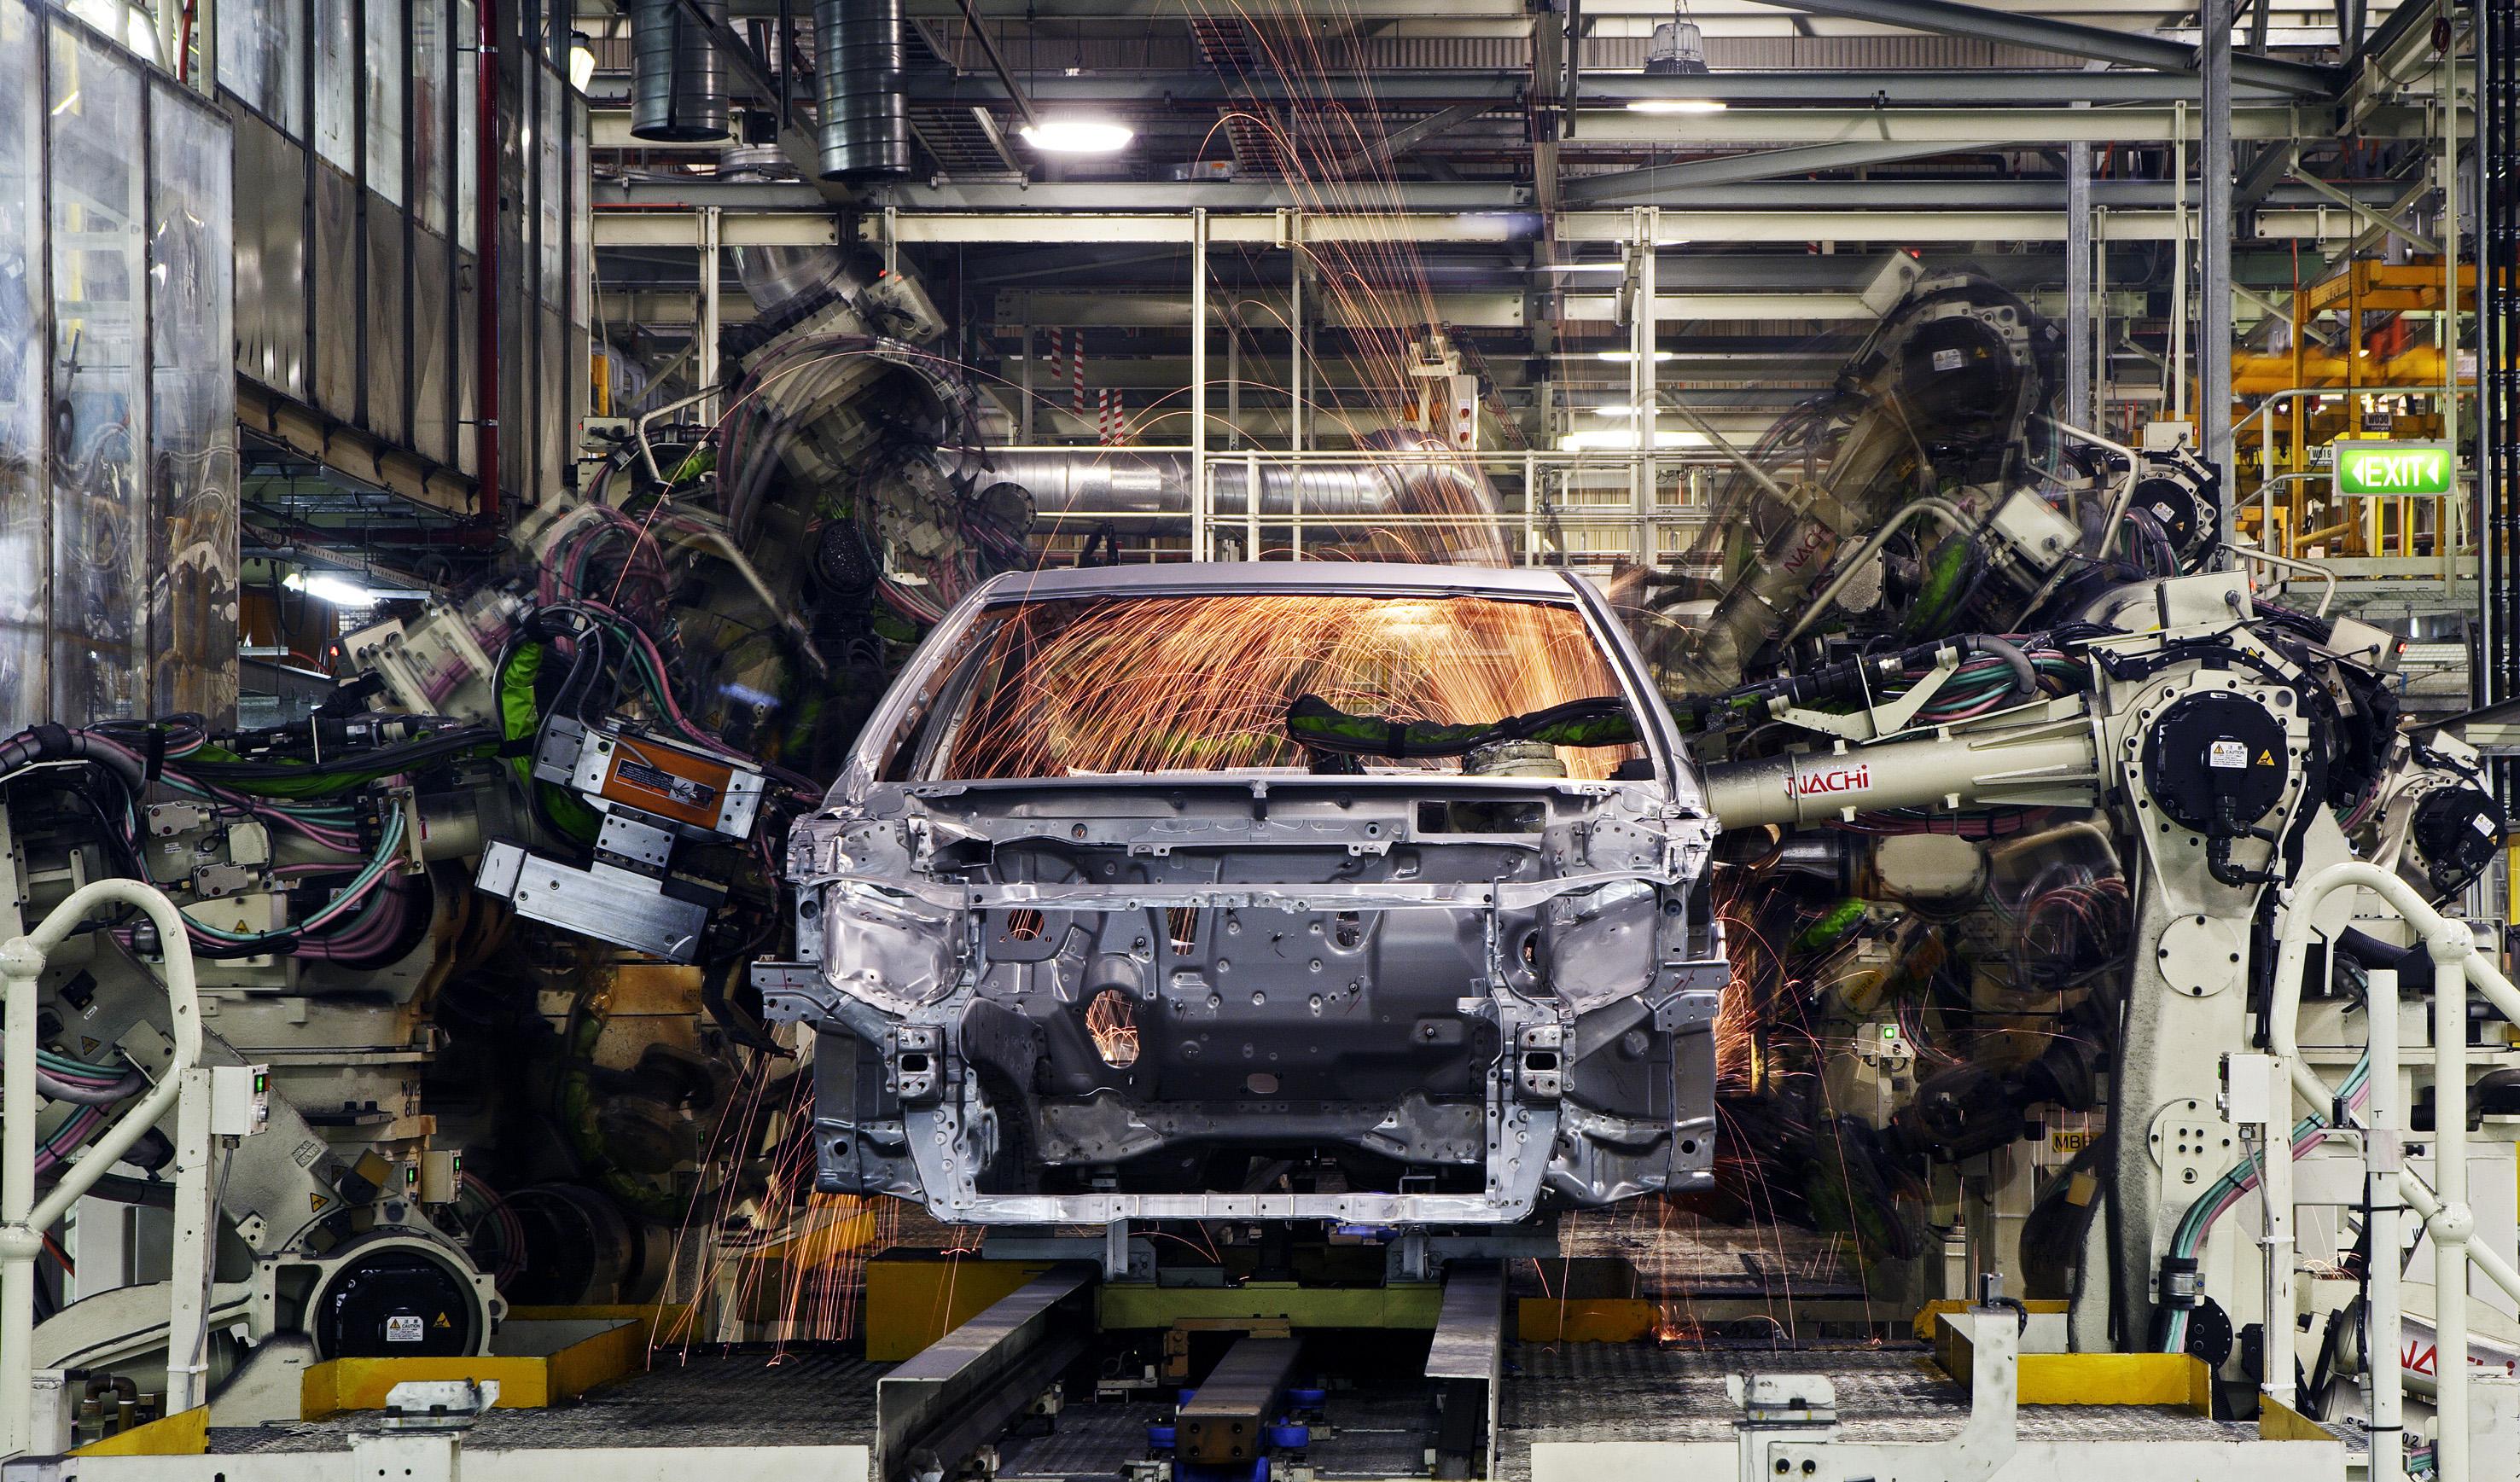 ضرورت تغییر ساختار در صنعت خودرو